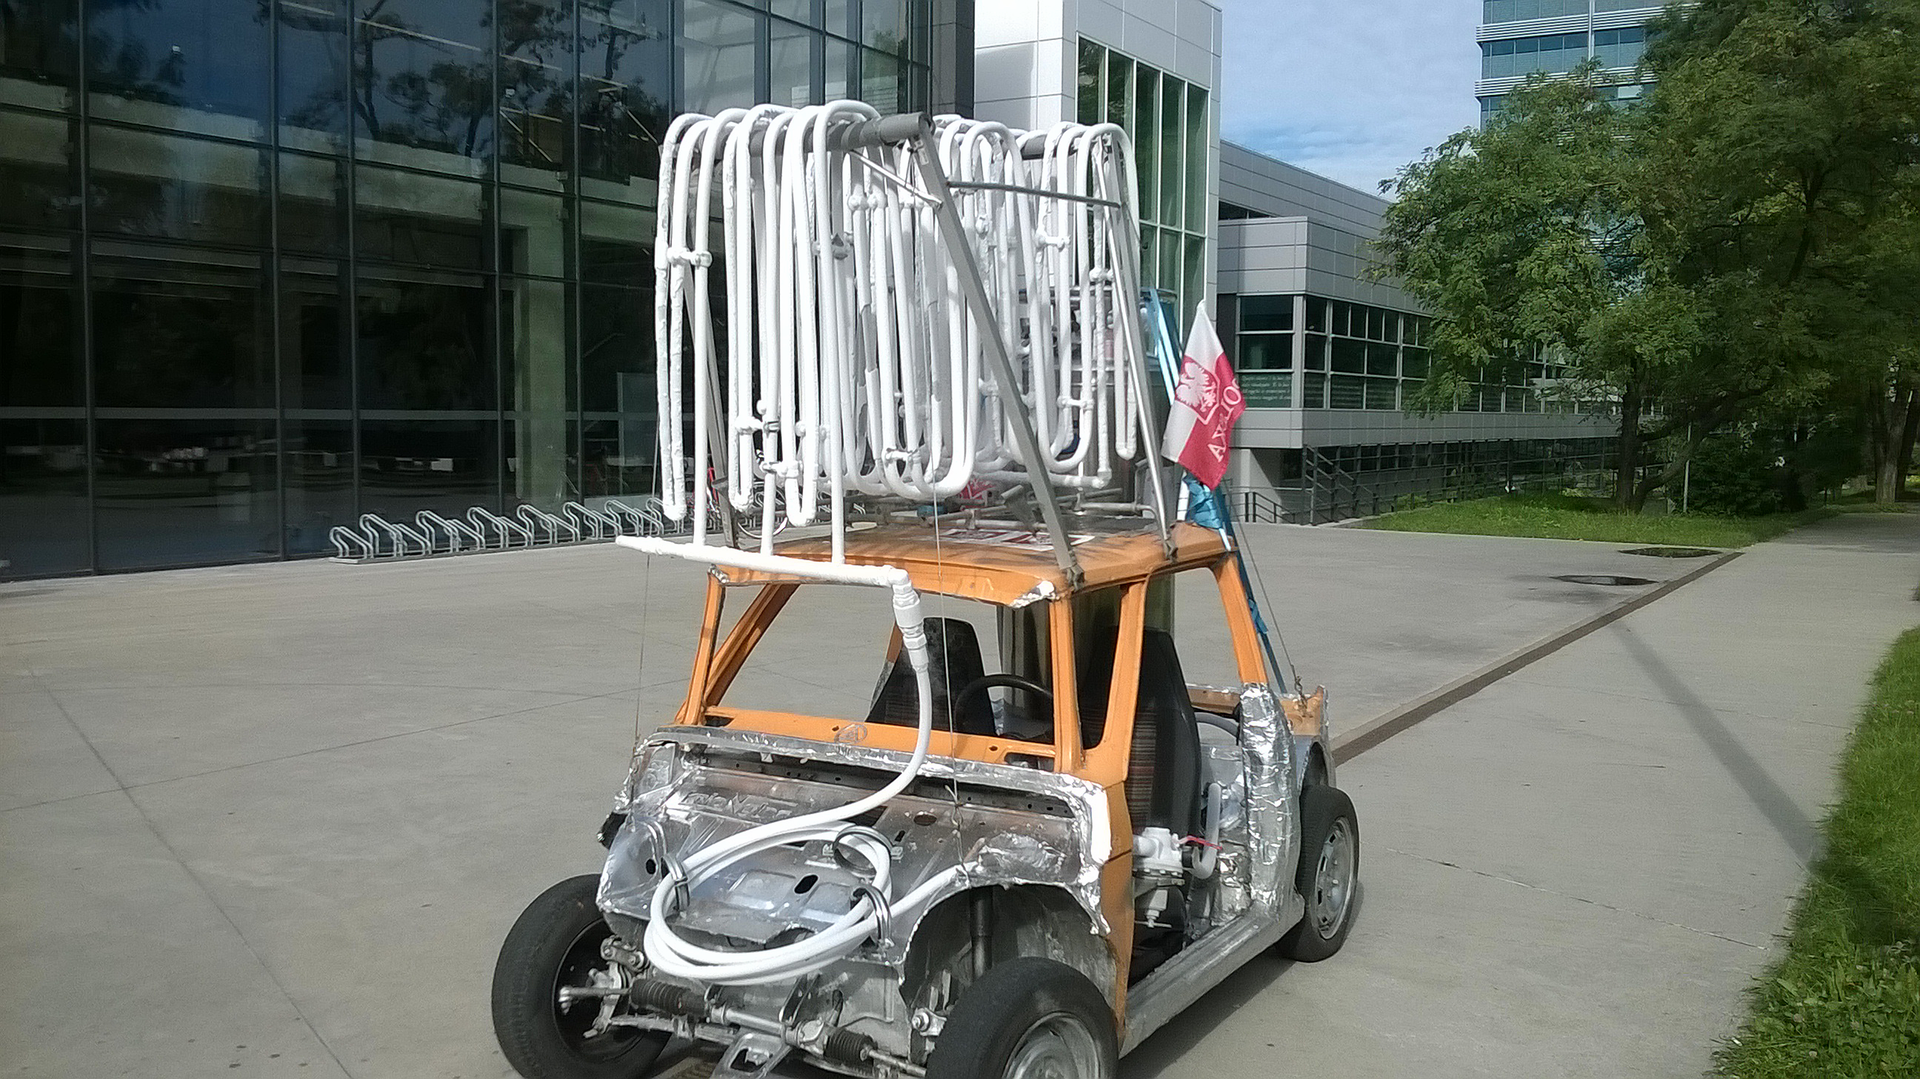 Zdjęcie przedstawia pojazd zbudowany na bazie szkieletu Fiata 126 pze skomplikowanym układem białych rurek na dachu. Gruby przewód od tych rurek biegnie do układu znajdującego się gdzieś pod srebrną częścią obudowy zocynkowanej stali lub aluminum. Pojazd ma dwa miejsca siedzące, jest pozbawiony szyb idrzwi. Stoi na betonowej płycie przed oszklonym budynkiem uczelni.